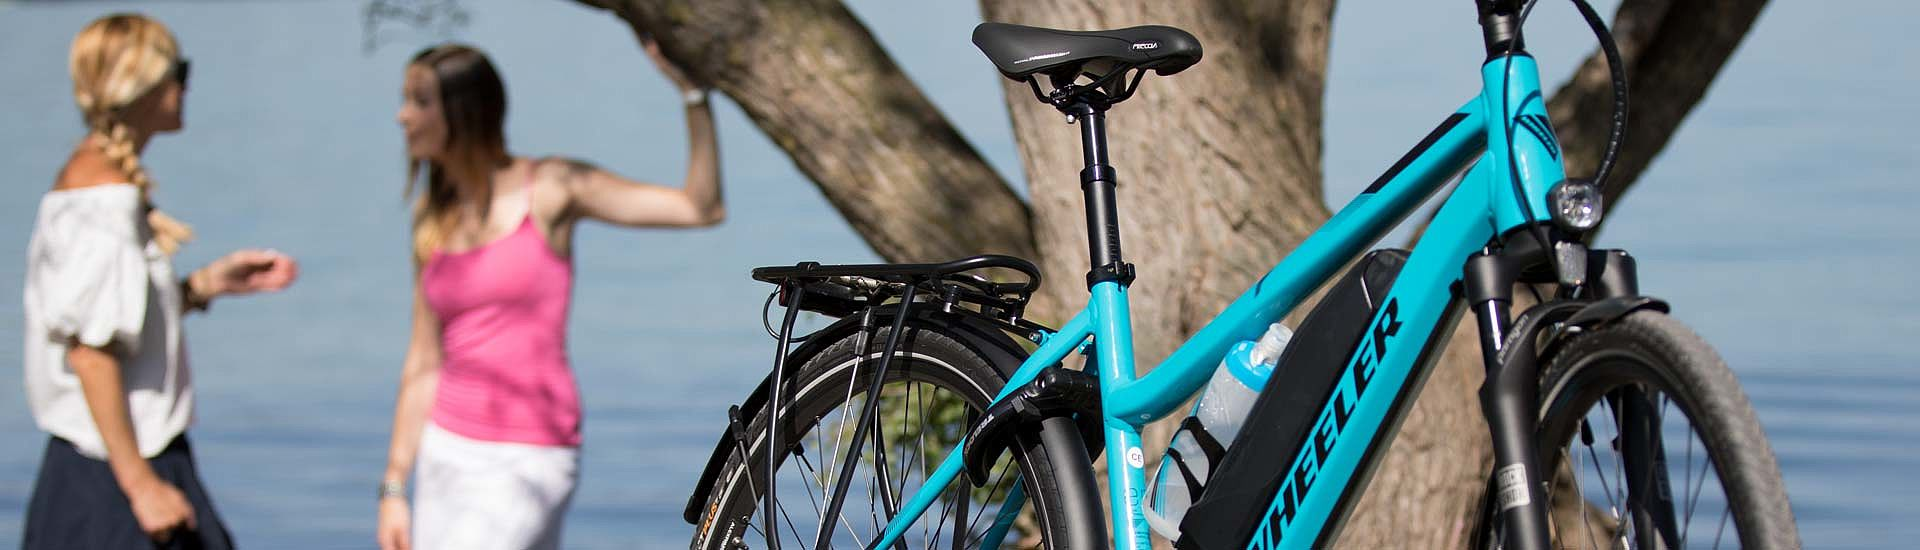 20% - 40% auf E-Bikes!